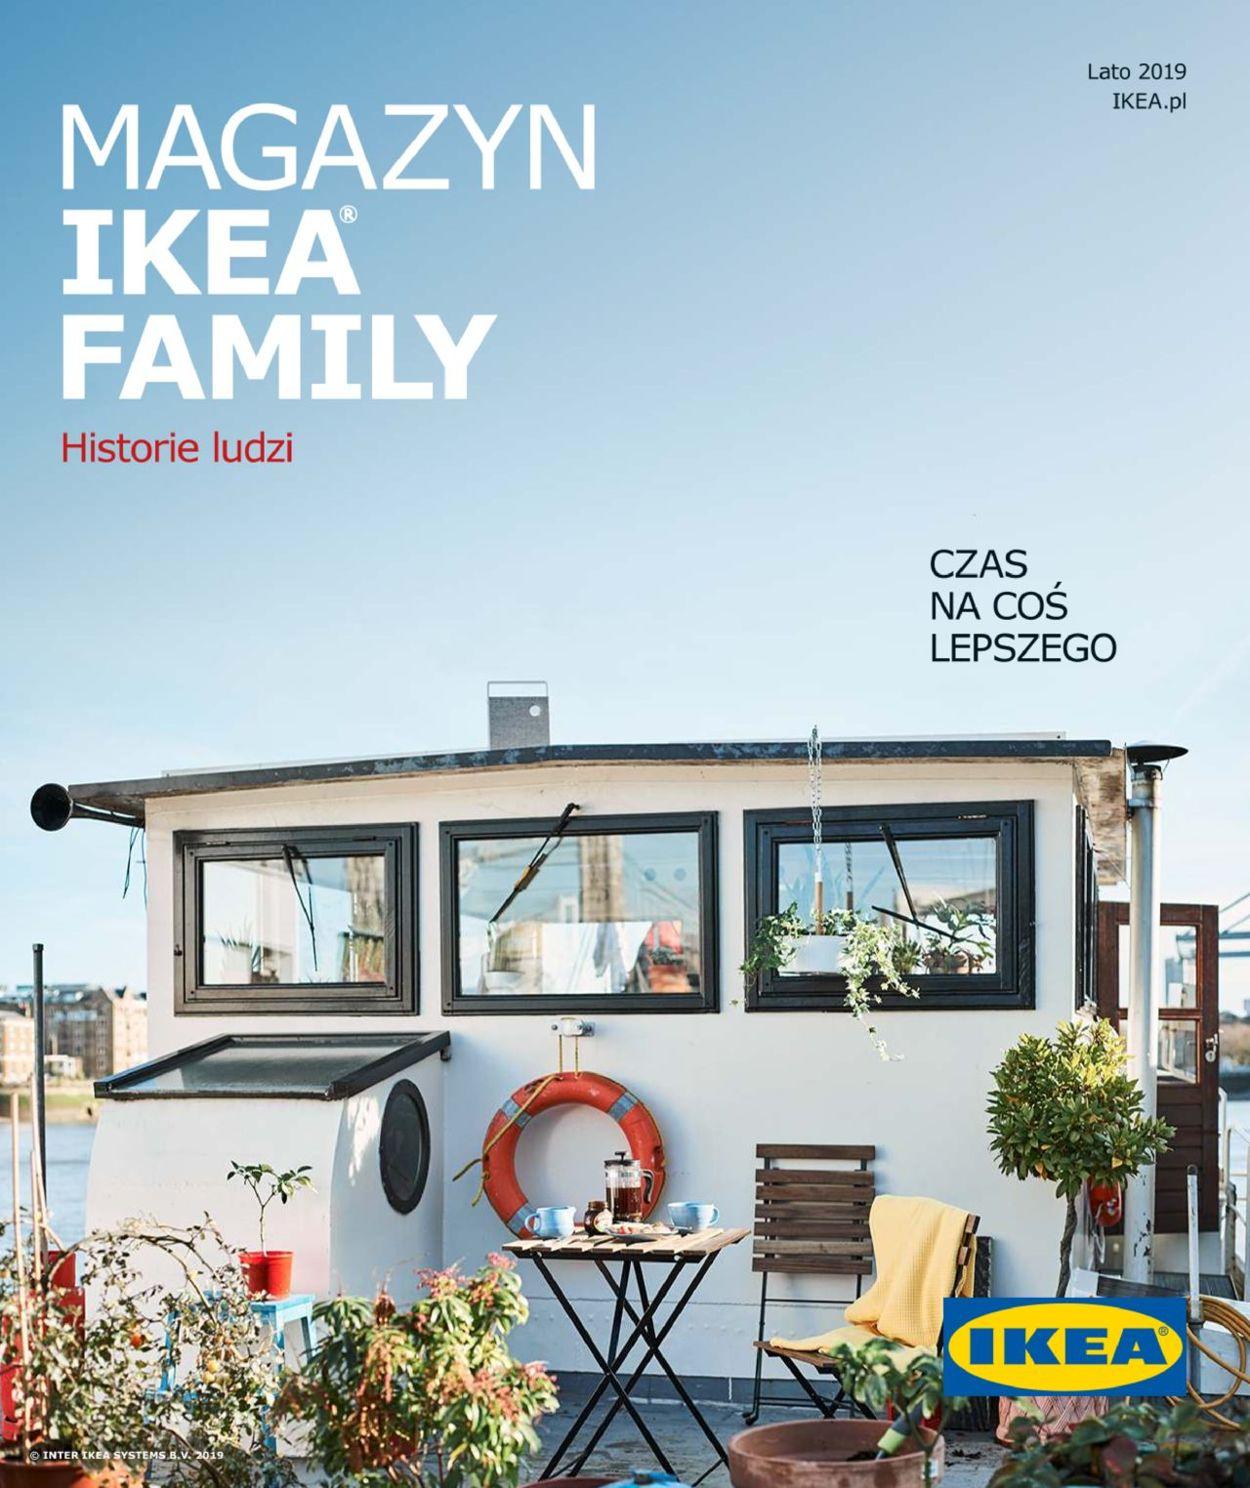 Gazetka promocyjna IKEA - 08.04-30.09.2019